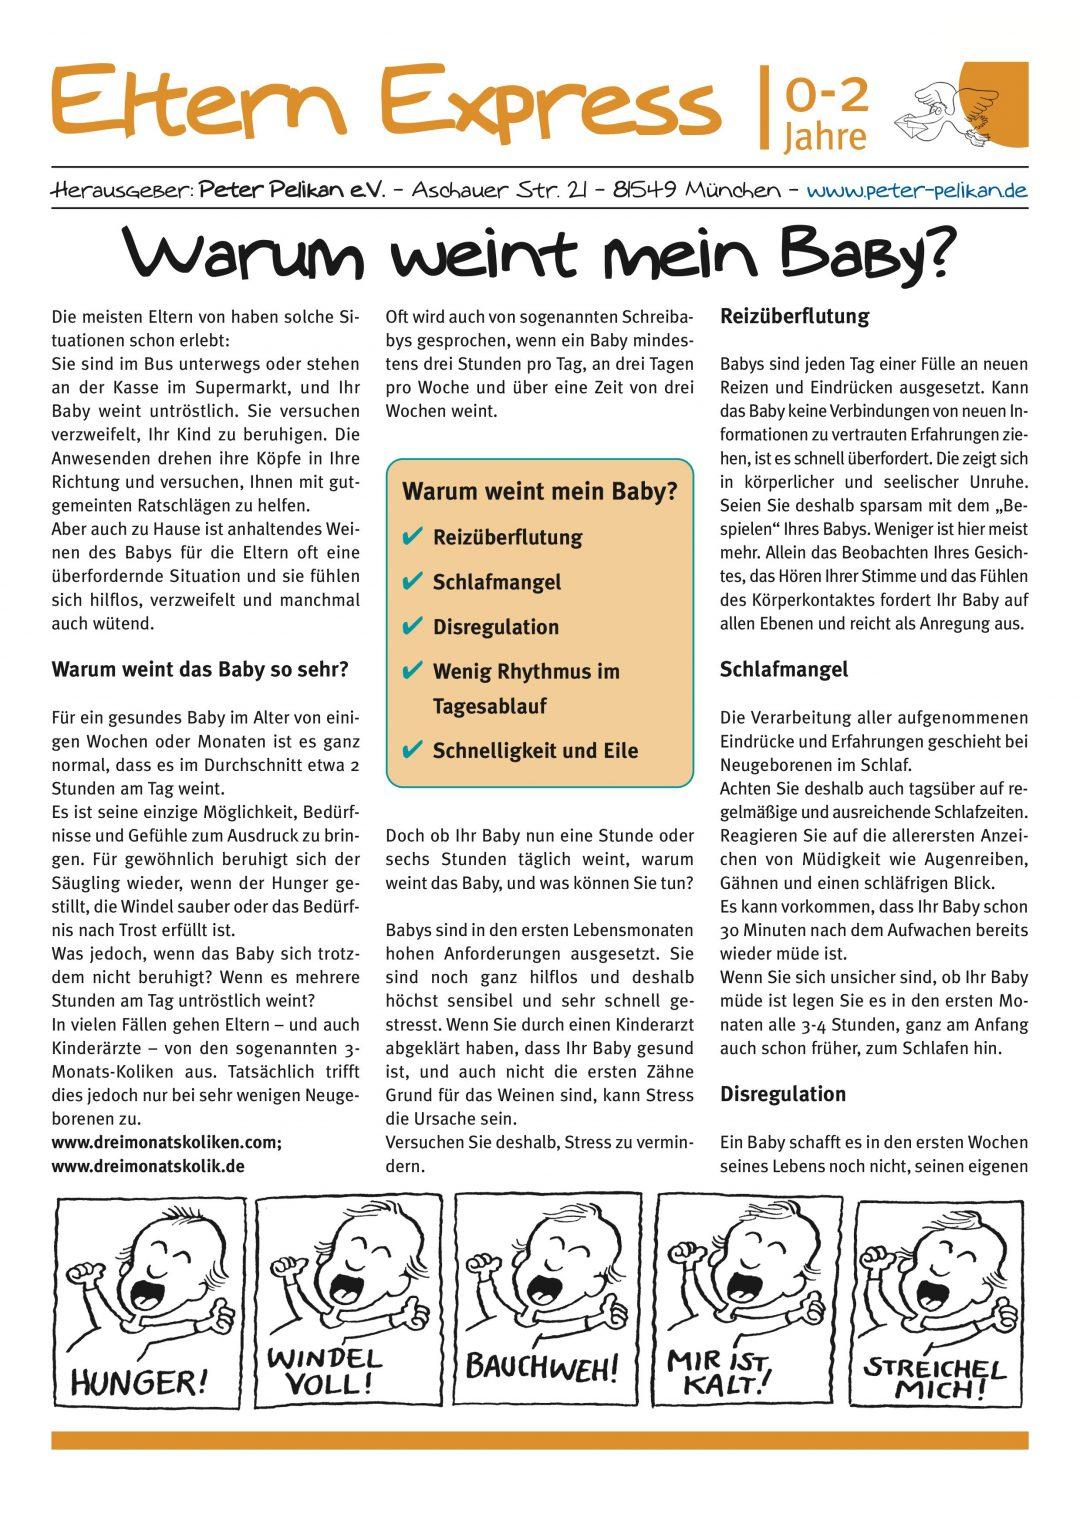 """Express-Brief No. 2 """"Warum weint mein Baby?"""""""